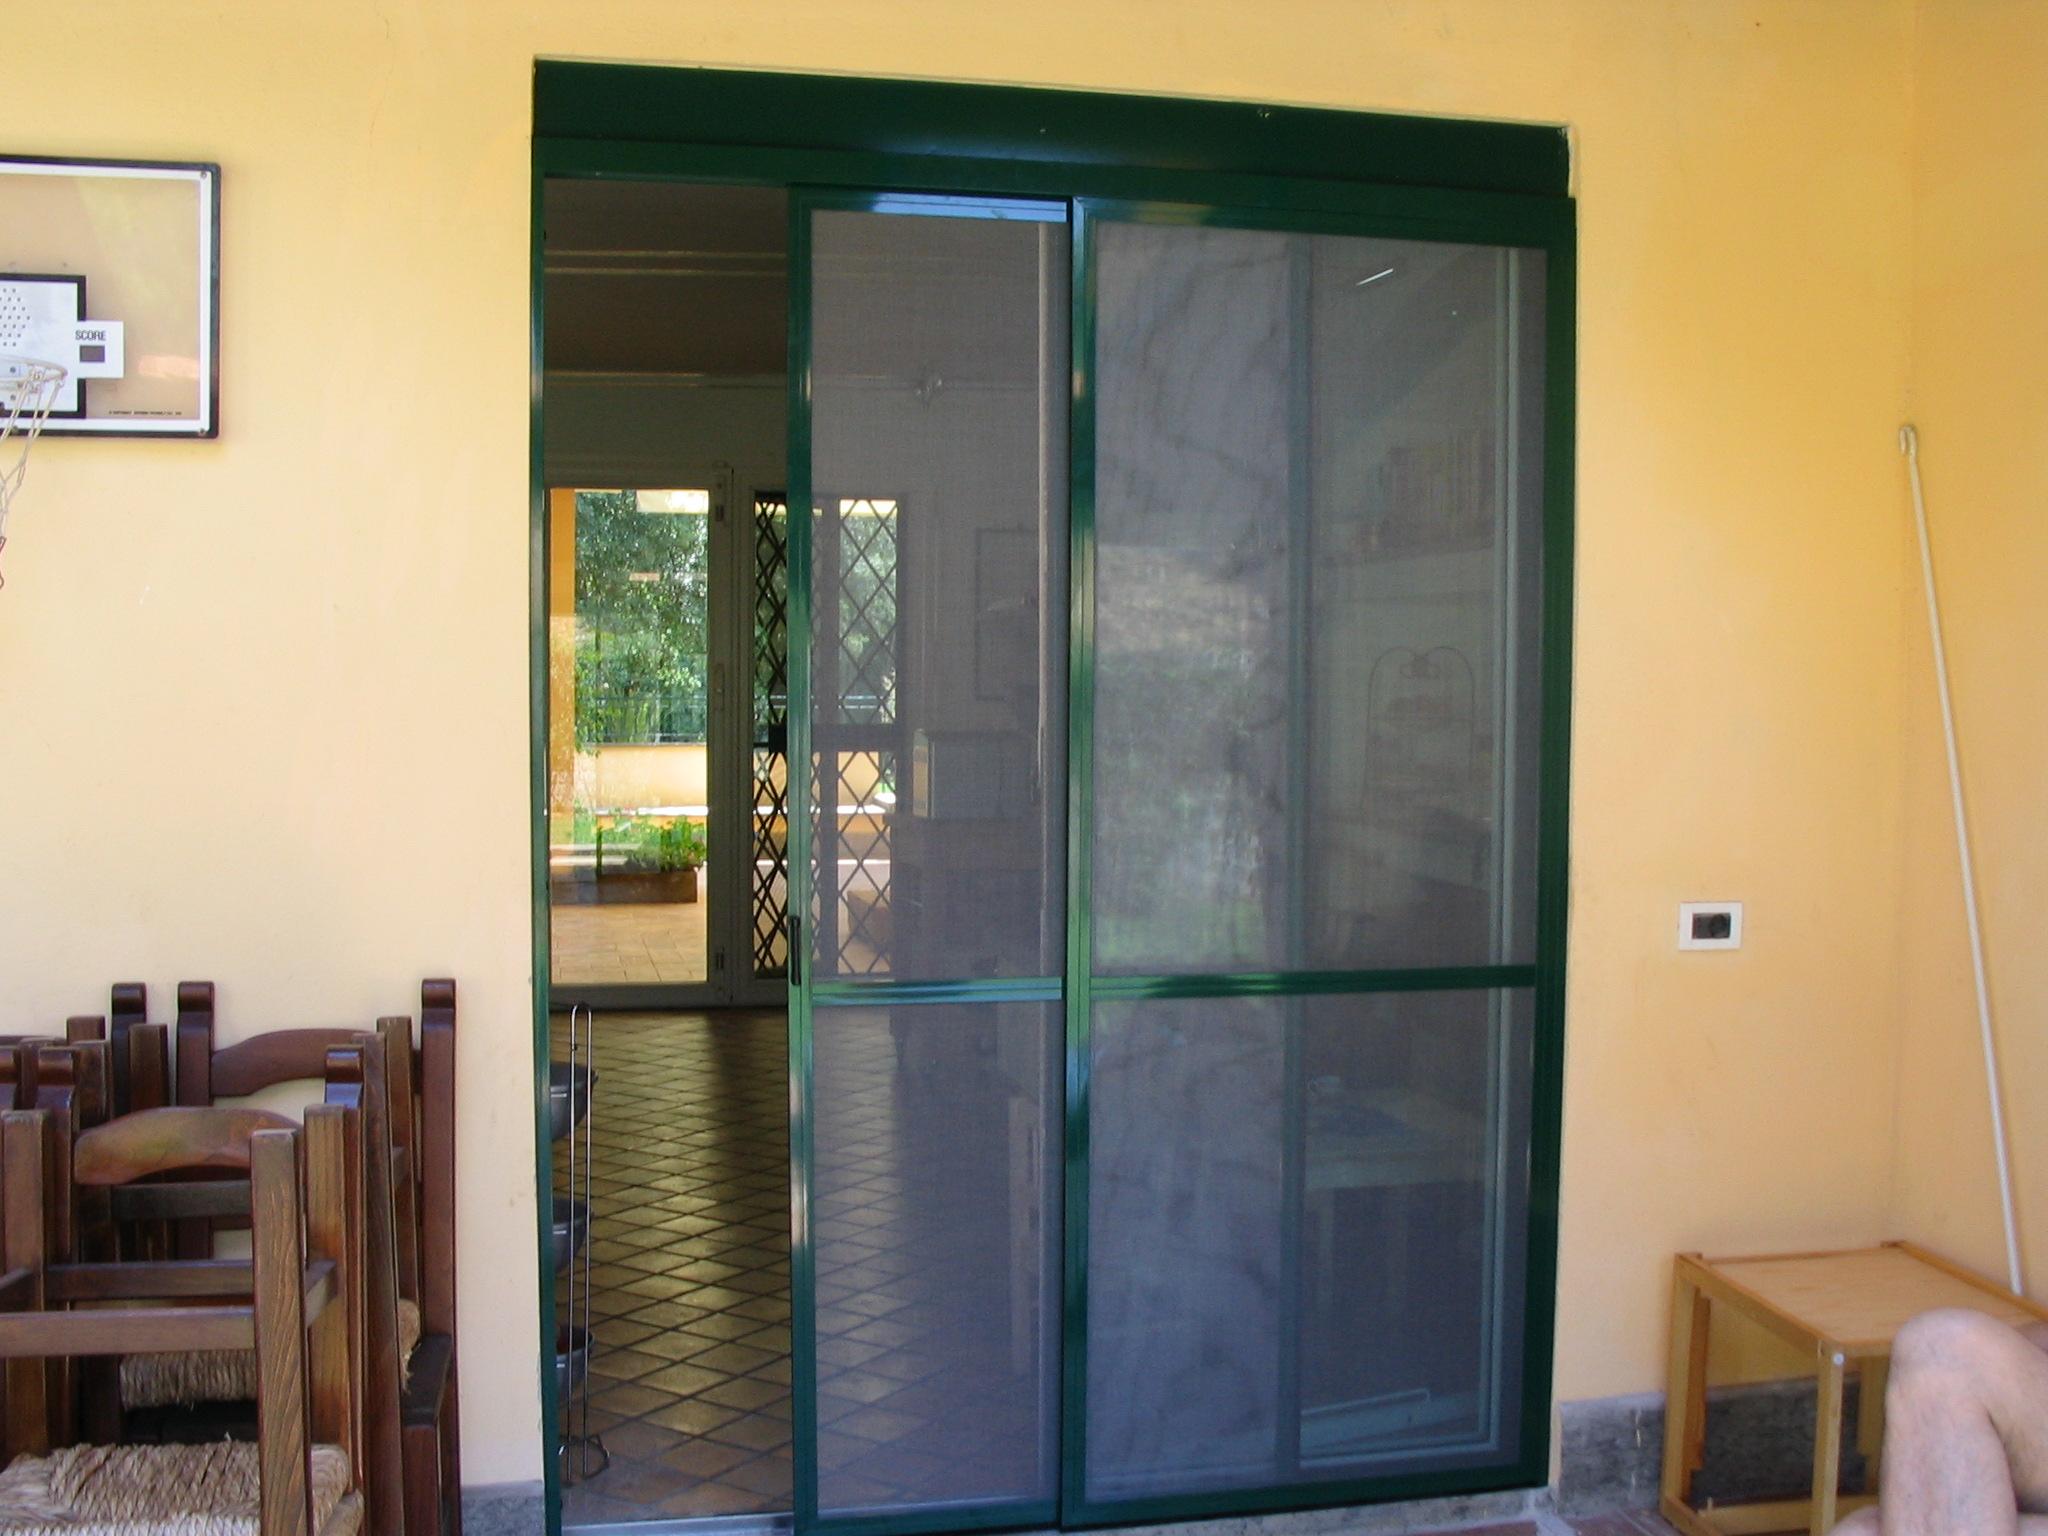 Zanzariere prodotti tende tecniche mefi tende - Zanzariere scorrevoli per porte finestra ...